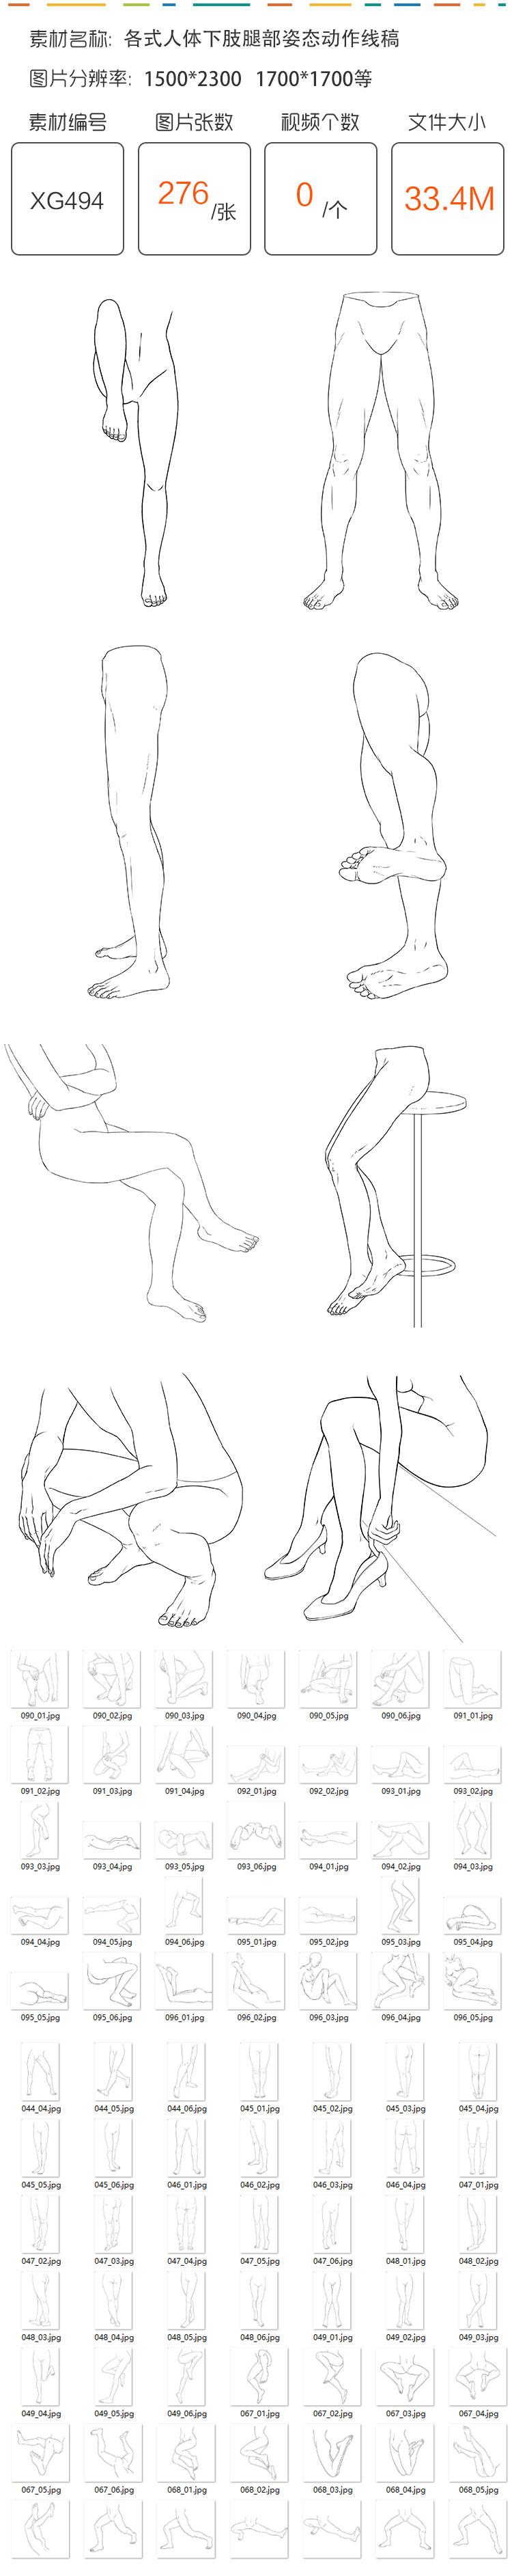 [素材美术] [各式人体腿部姿态动作线稿]|[原画]